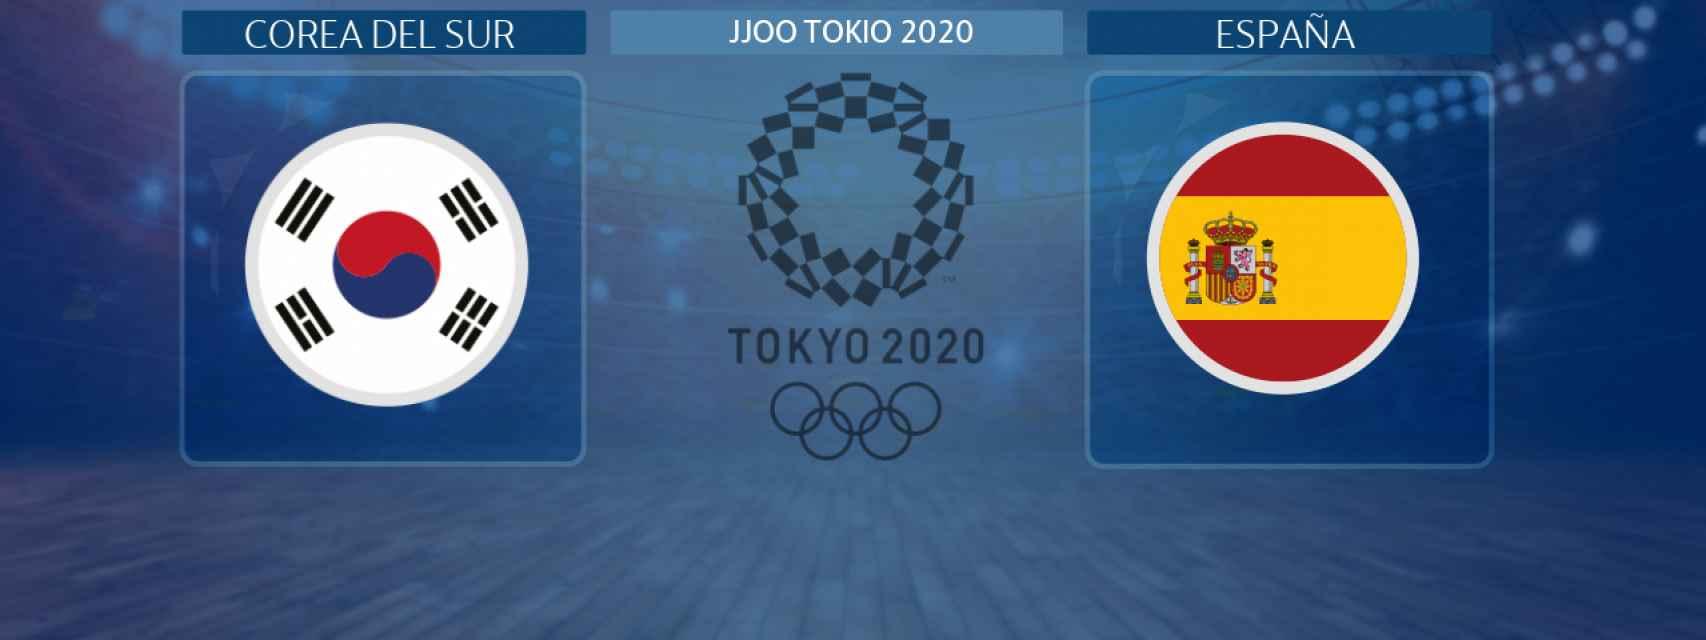 Corea del Sur - España, partido de baloncesto femenino de los JJOO Tokio 2020